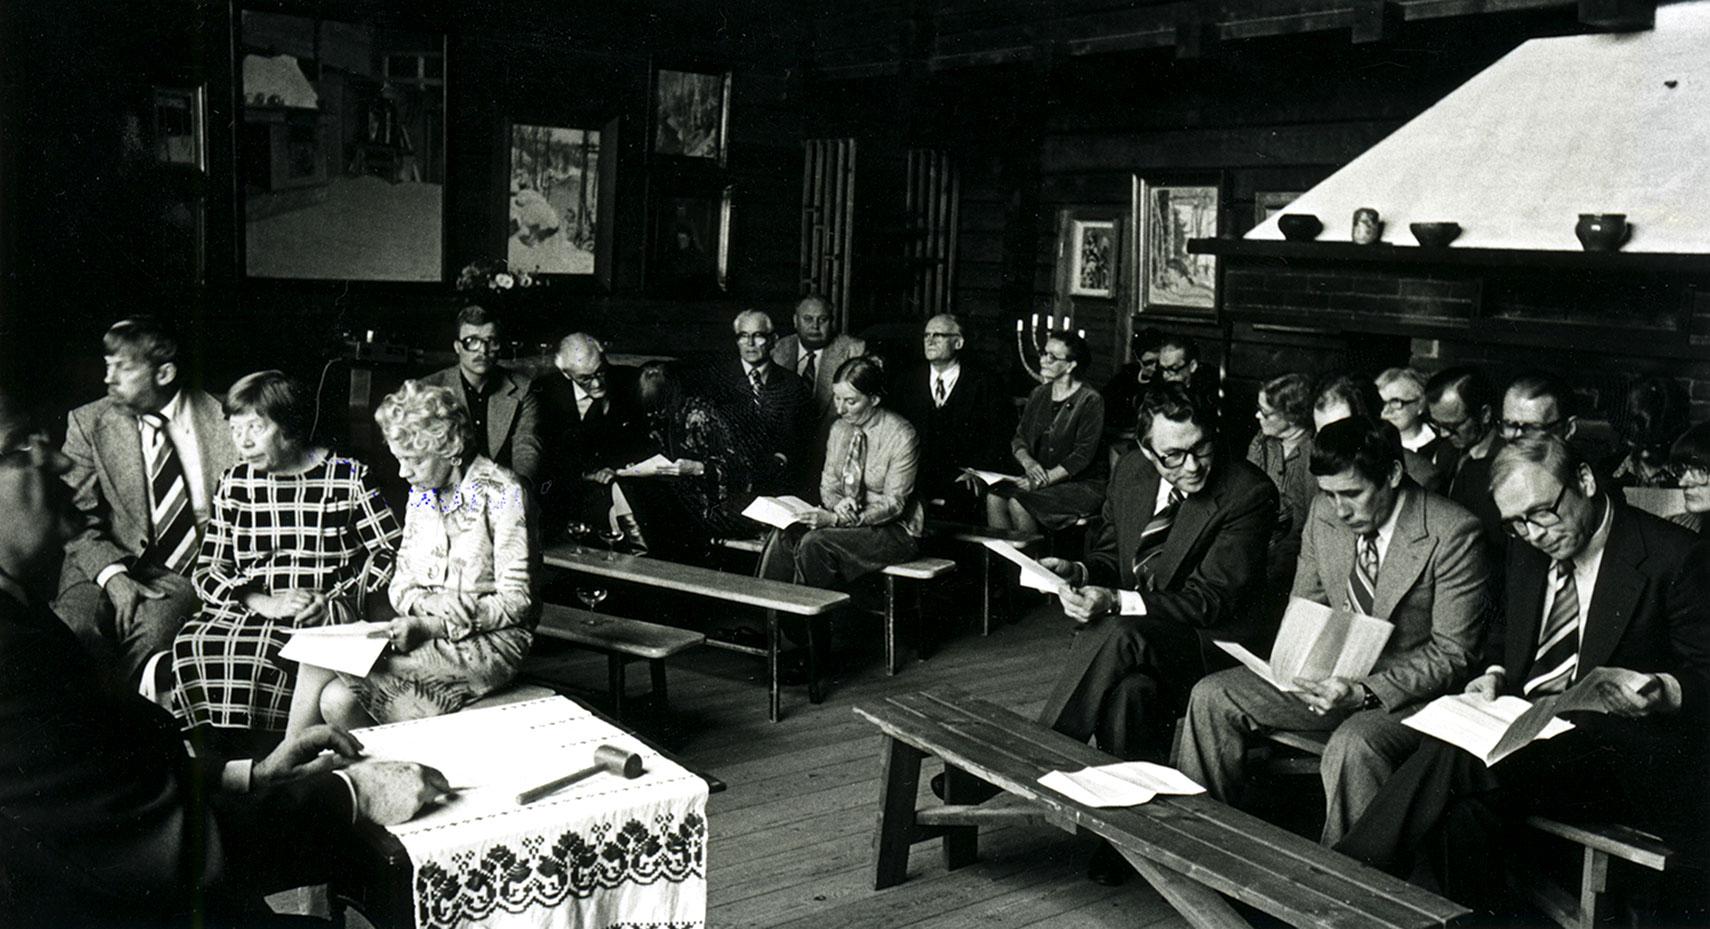 Pekka Halosen seuran perustamiskokous pidettiin Halosenniemessä 9.10.1977